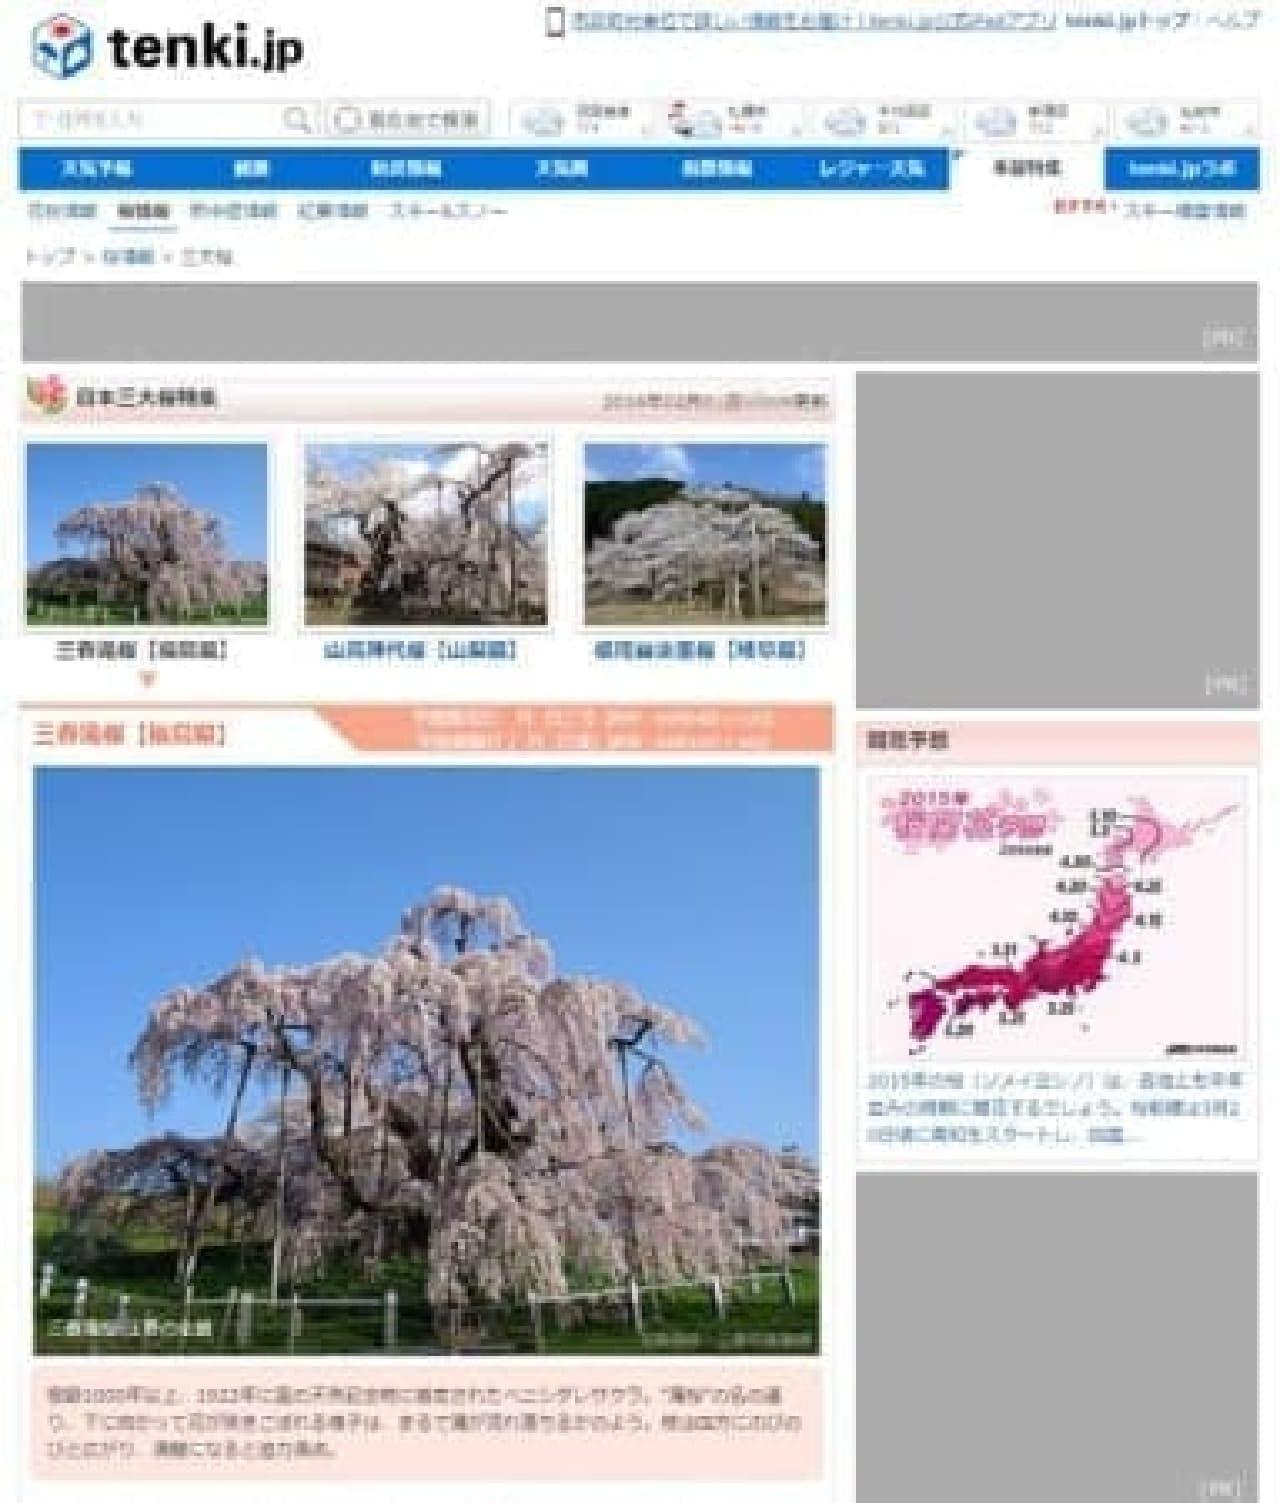 「日本三大桜」特集イメージ  観光の参考に